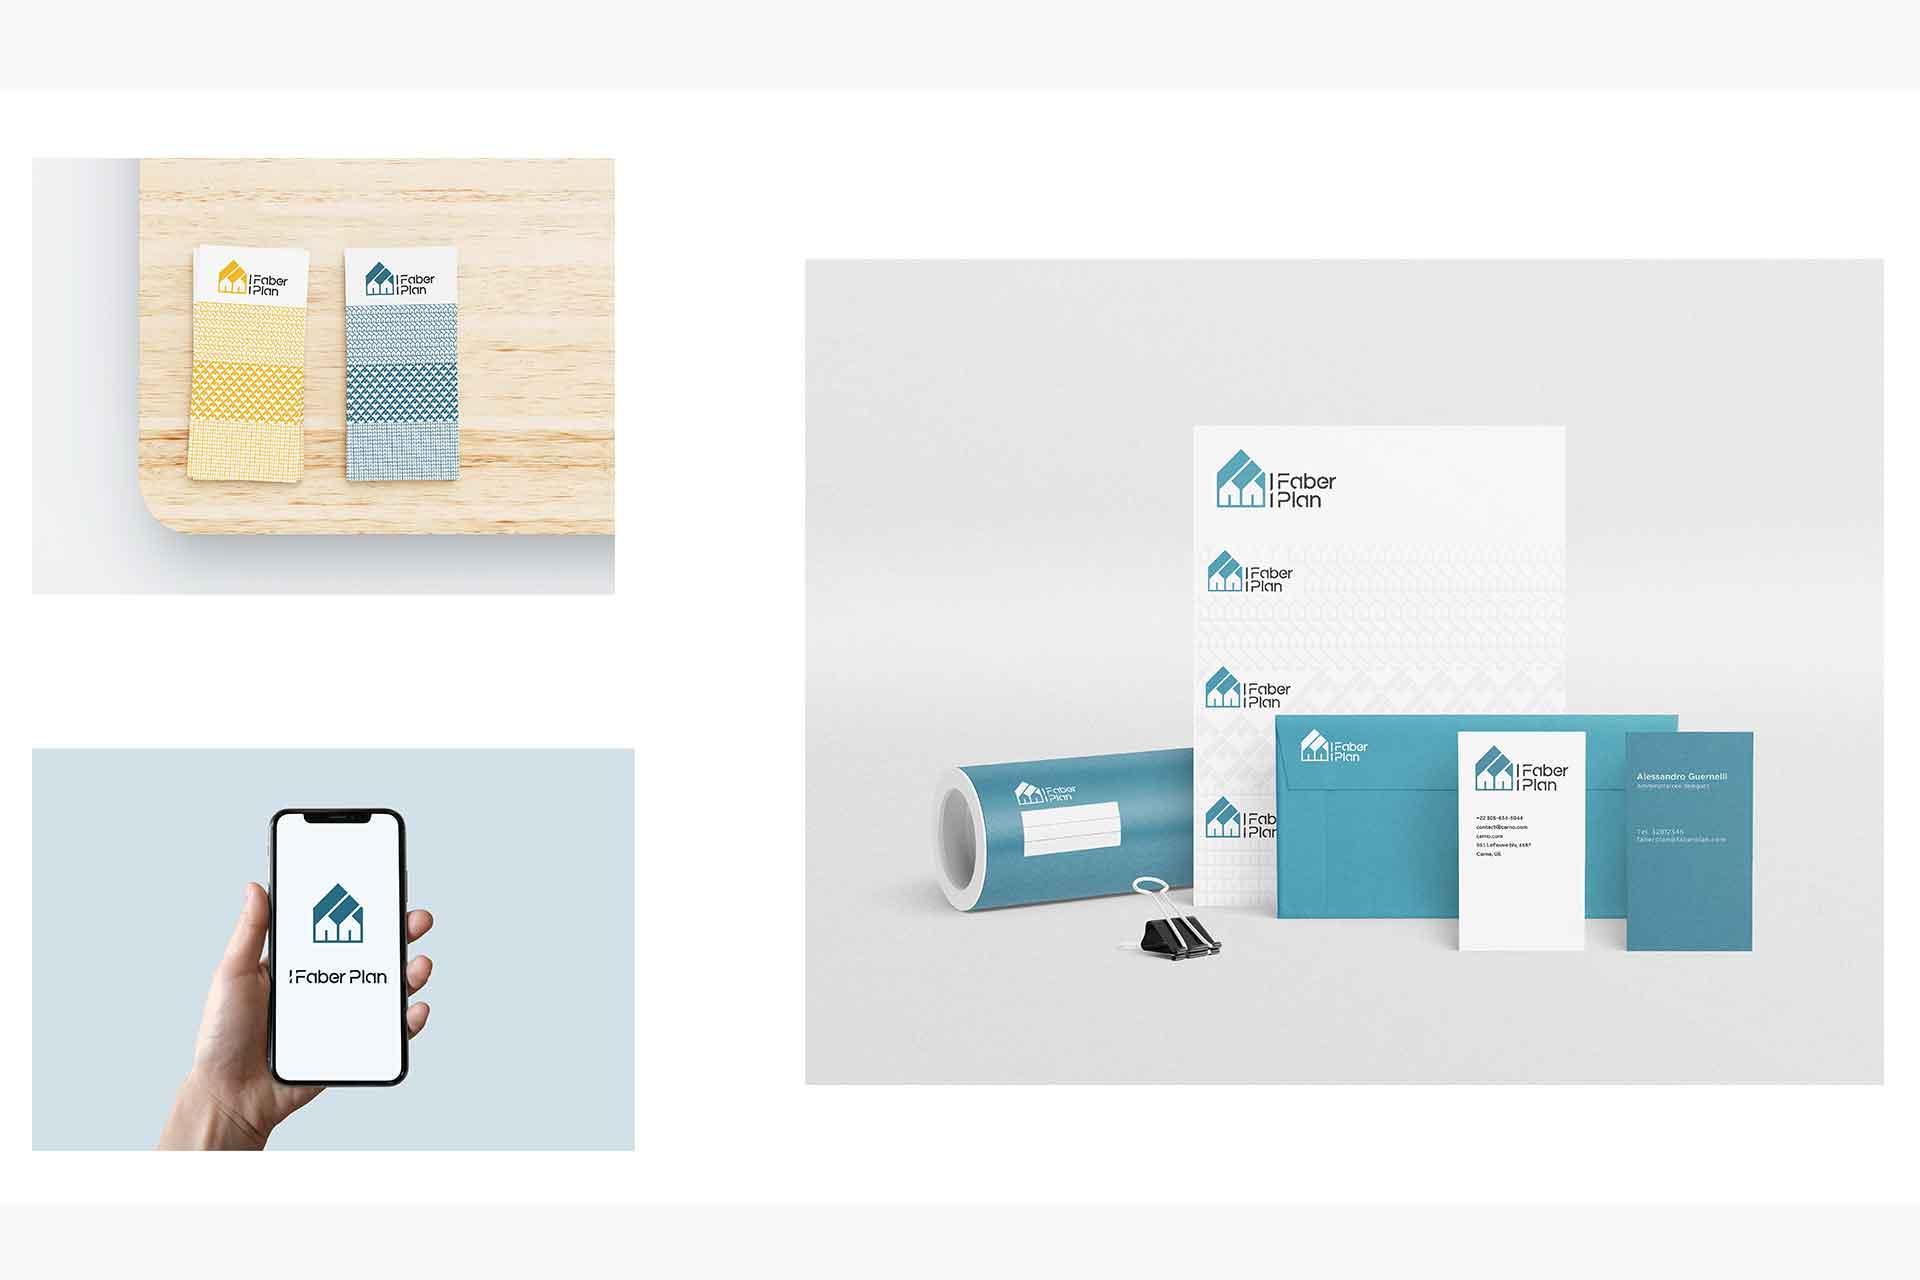 lv-design-realizzazione-siti-web-bologna-portfolio-grafica-faber-plan-slide-1